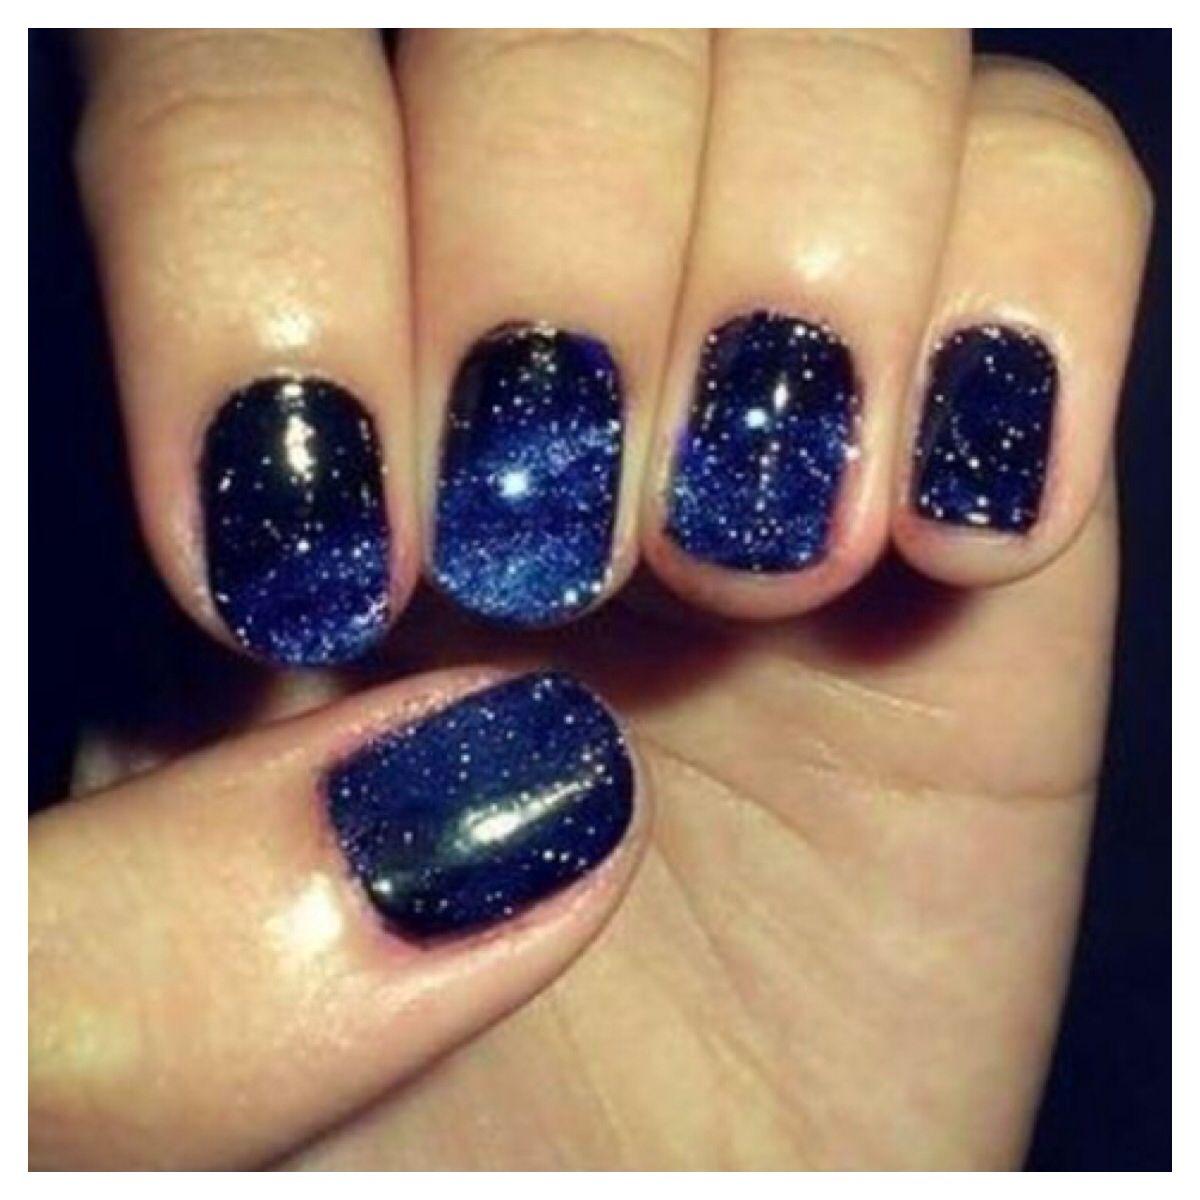 Cool soave nails